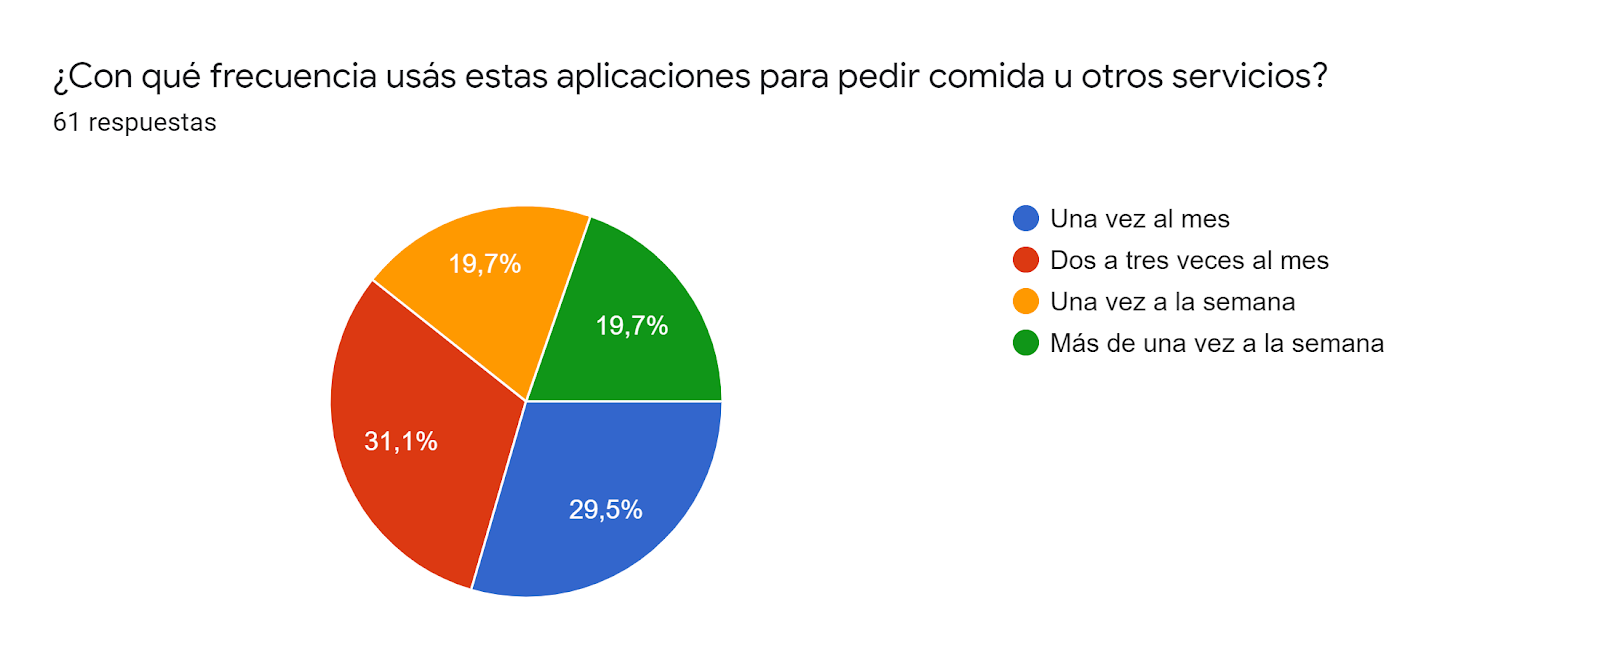 Gráfico de respuestas de formularios. Título de la pregunta:¿Con qué frecuencia usás estas aplicaciones para pedir comida u otros servicios?. Número de respuestas:61 respuestas.